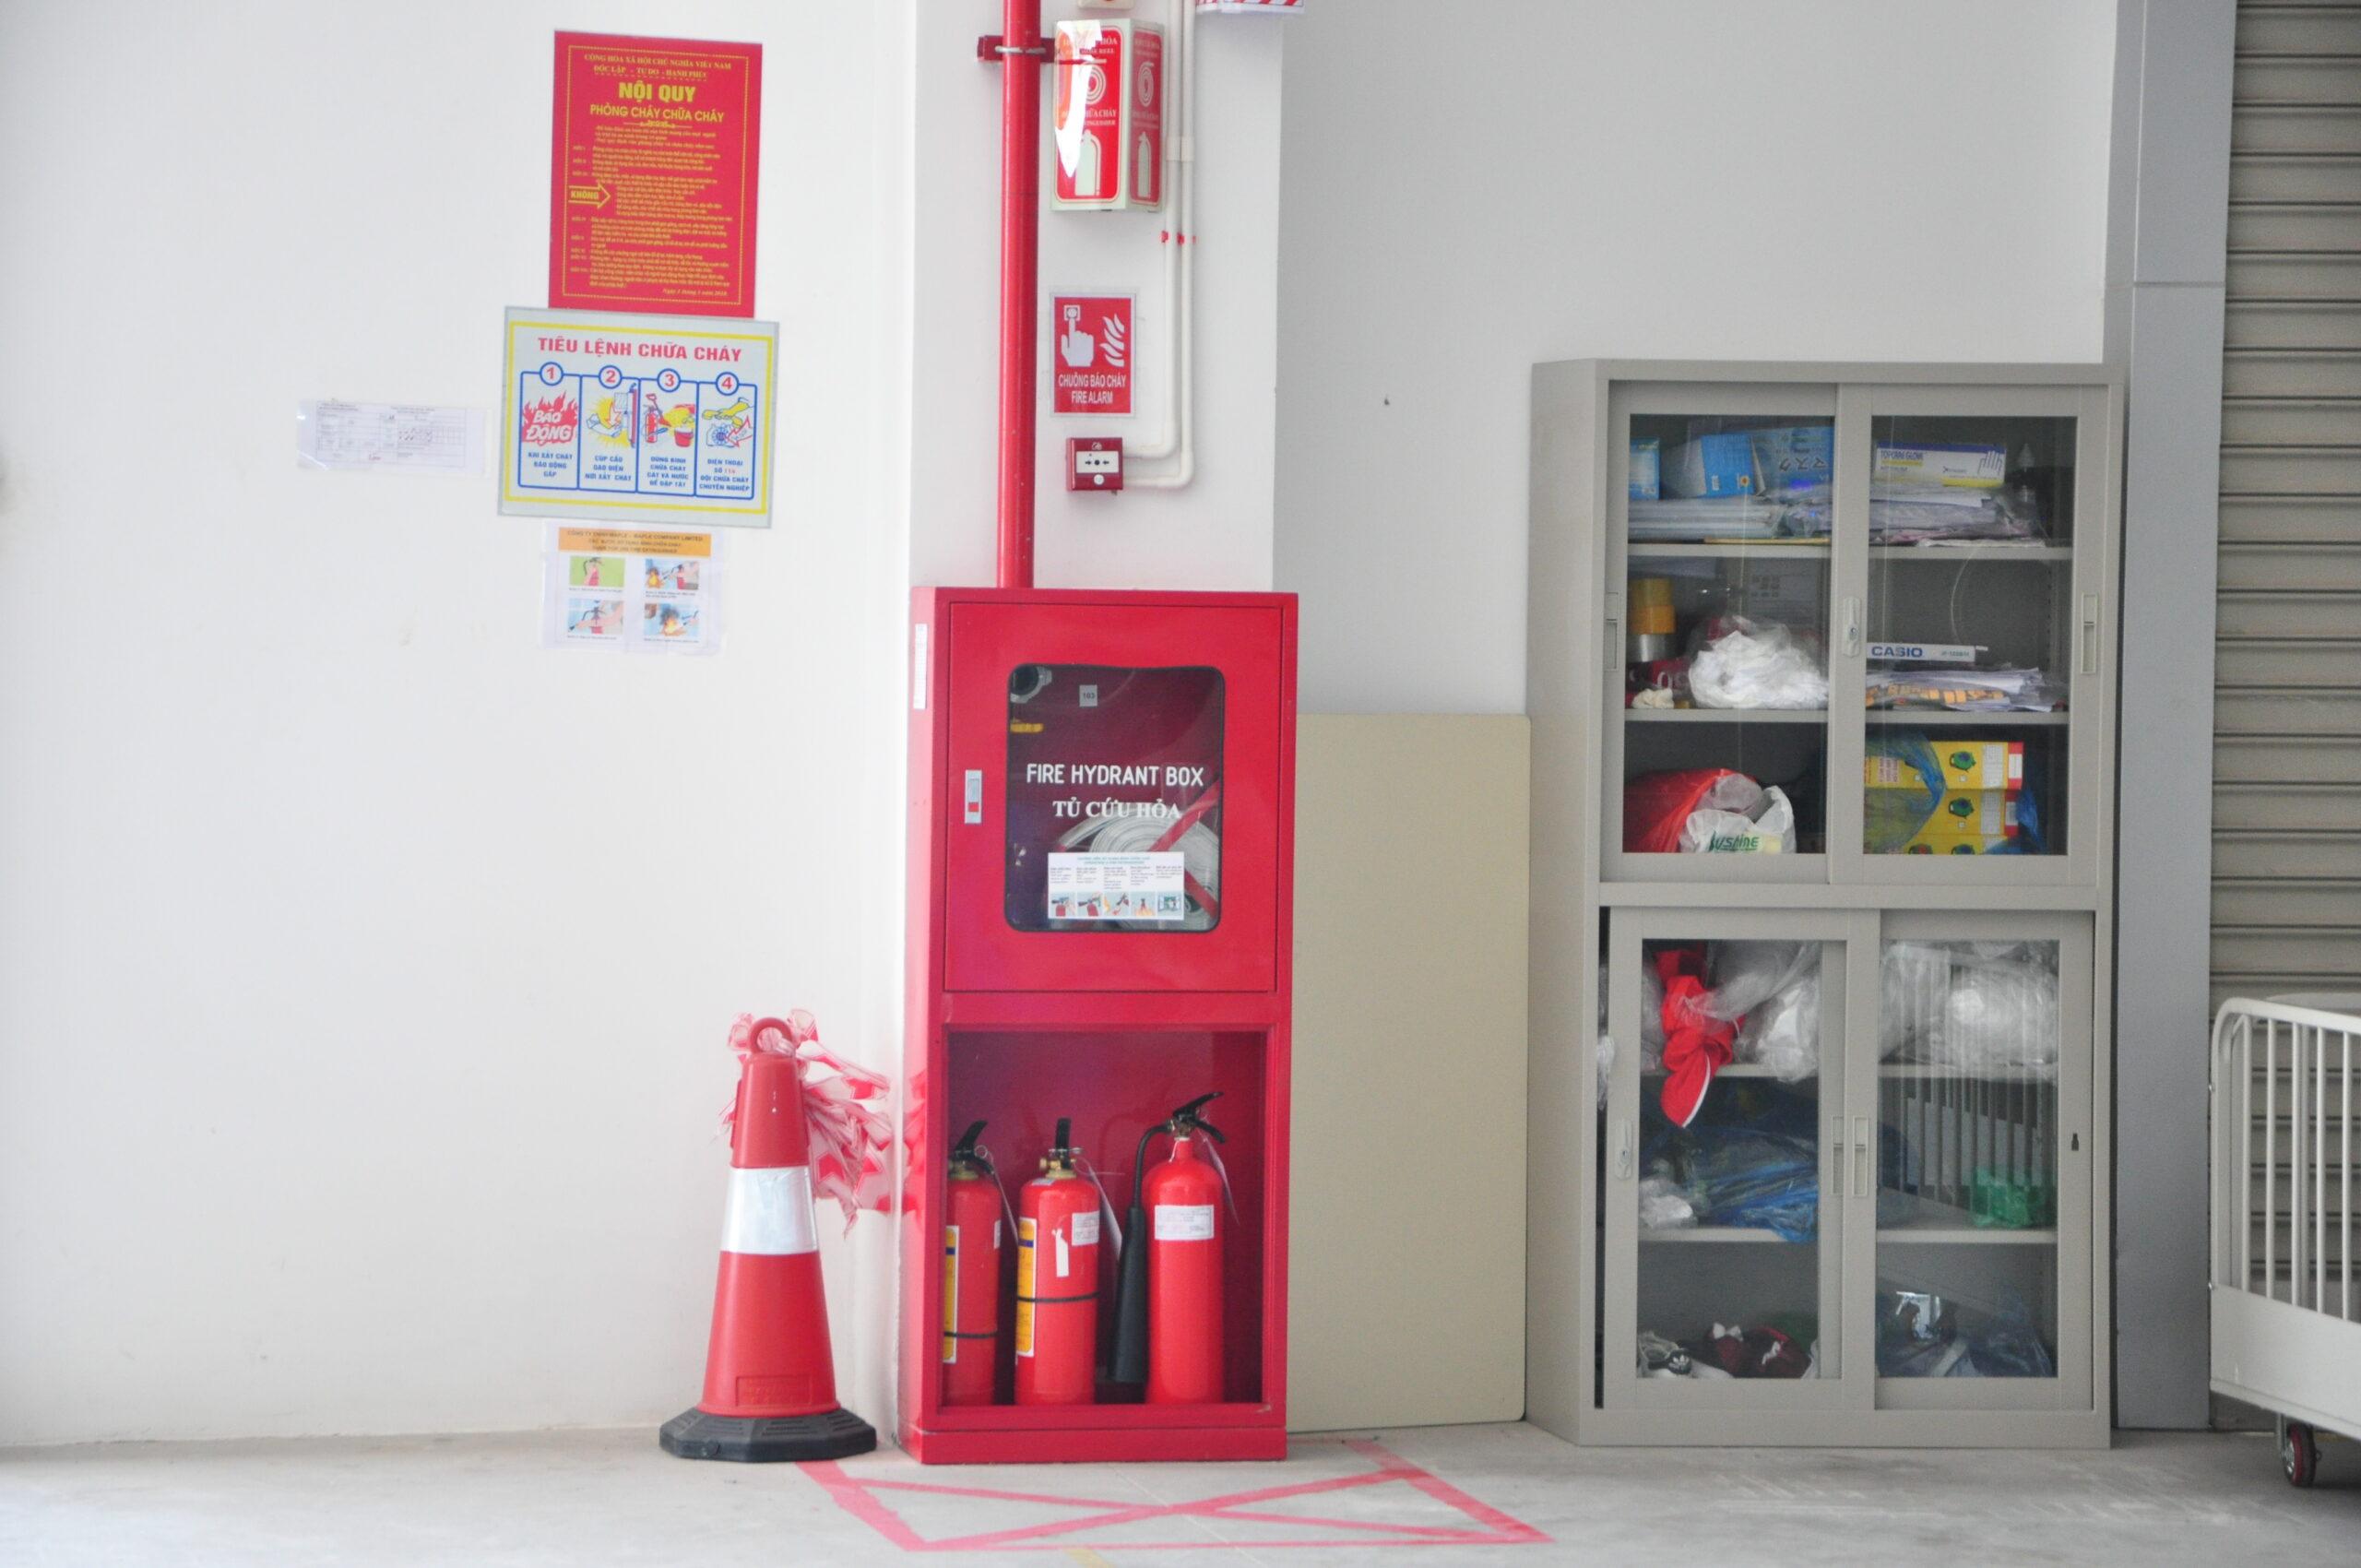 Quy định về lắp đặt bình chữa cháy